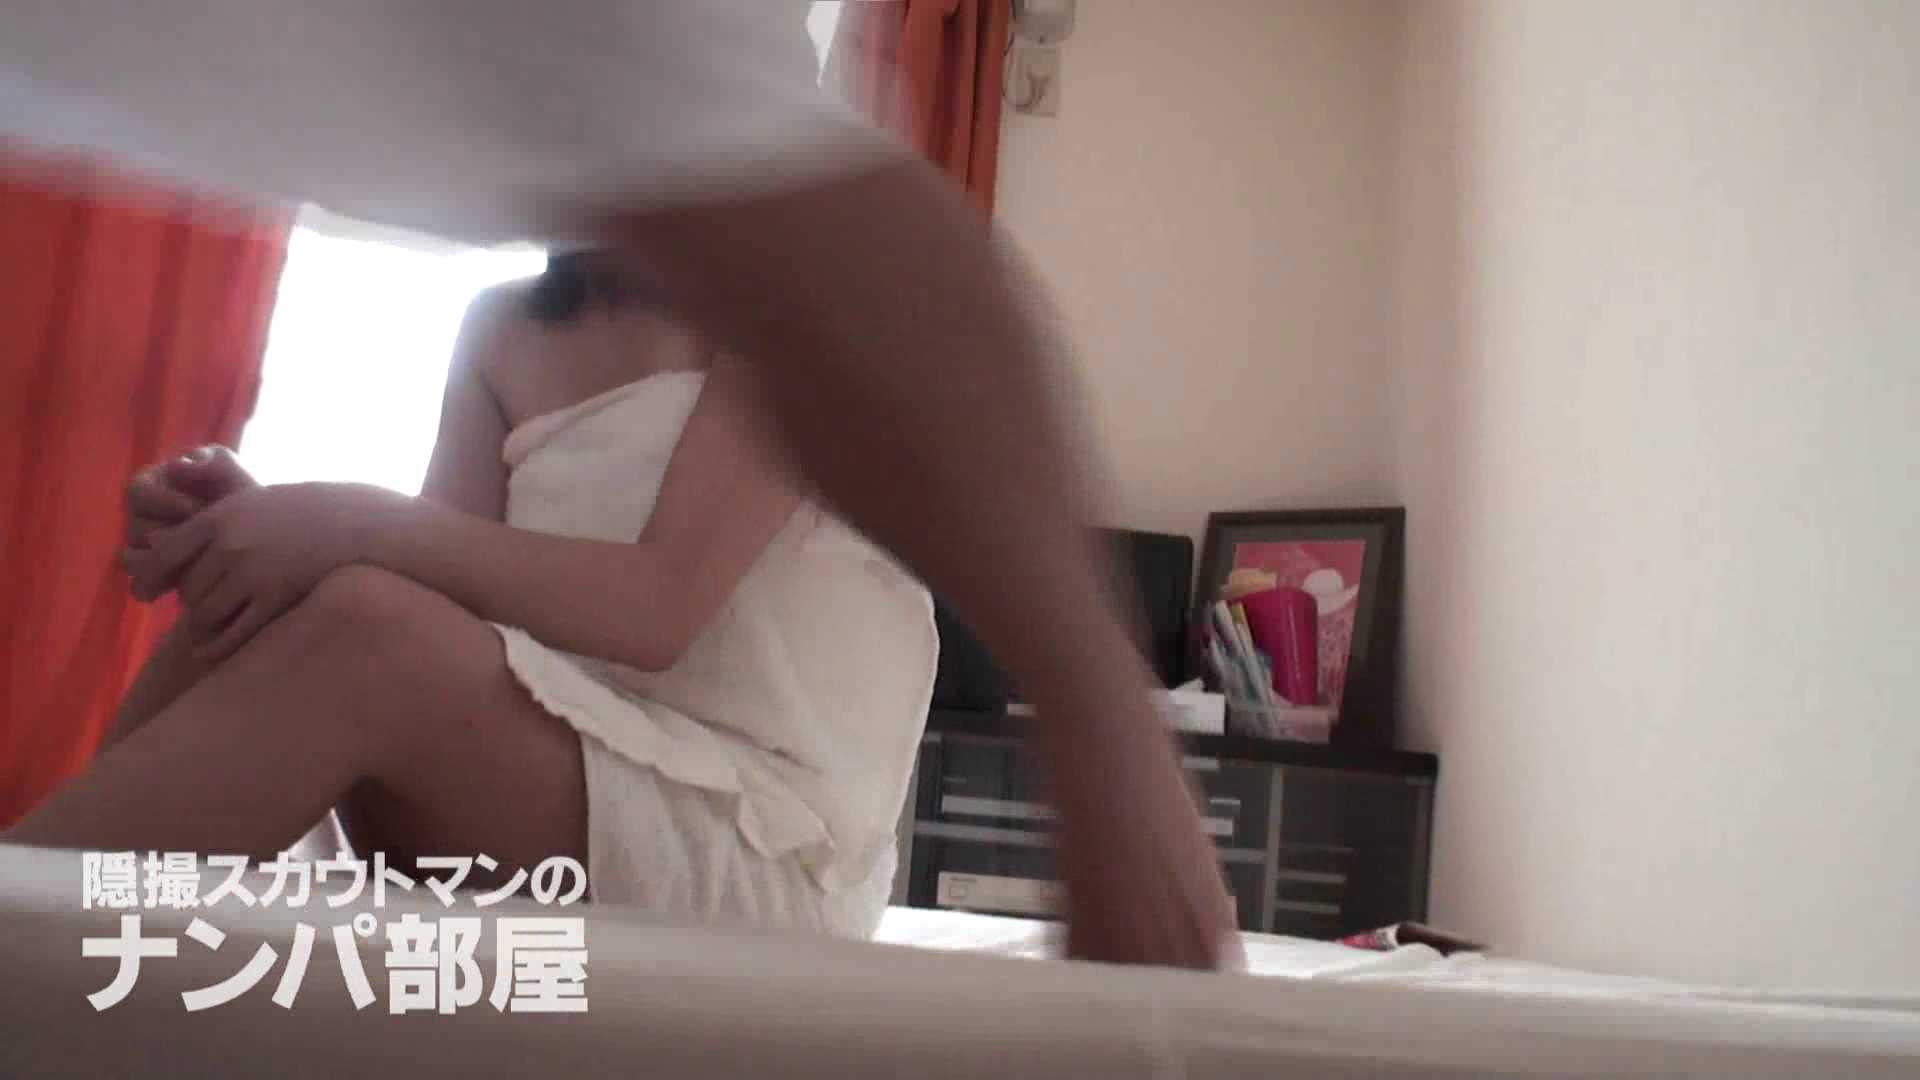 隠撮スカウトマンのナンパ部屋~風俗デビュー前のつまみ食い~ sii 隠撮  68連発 42